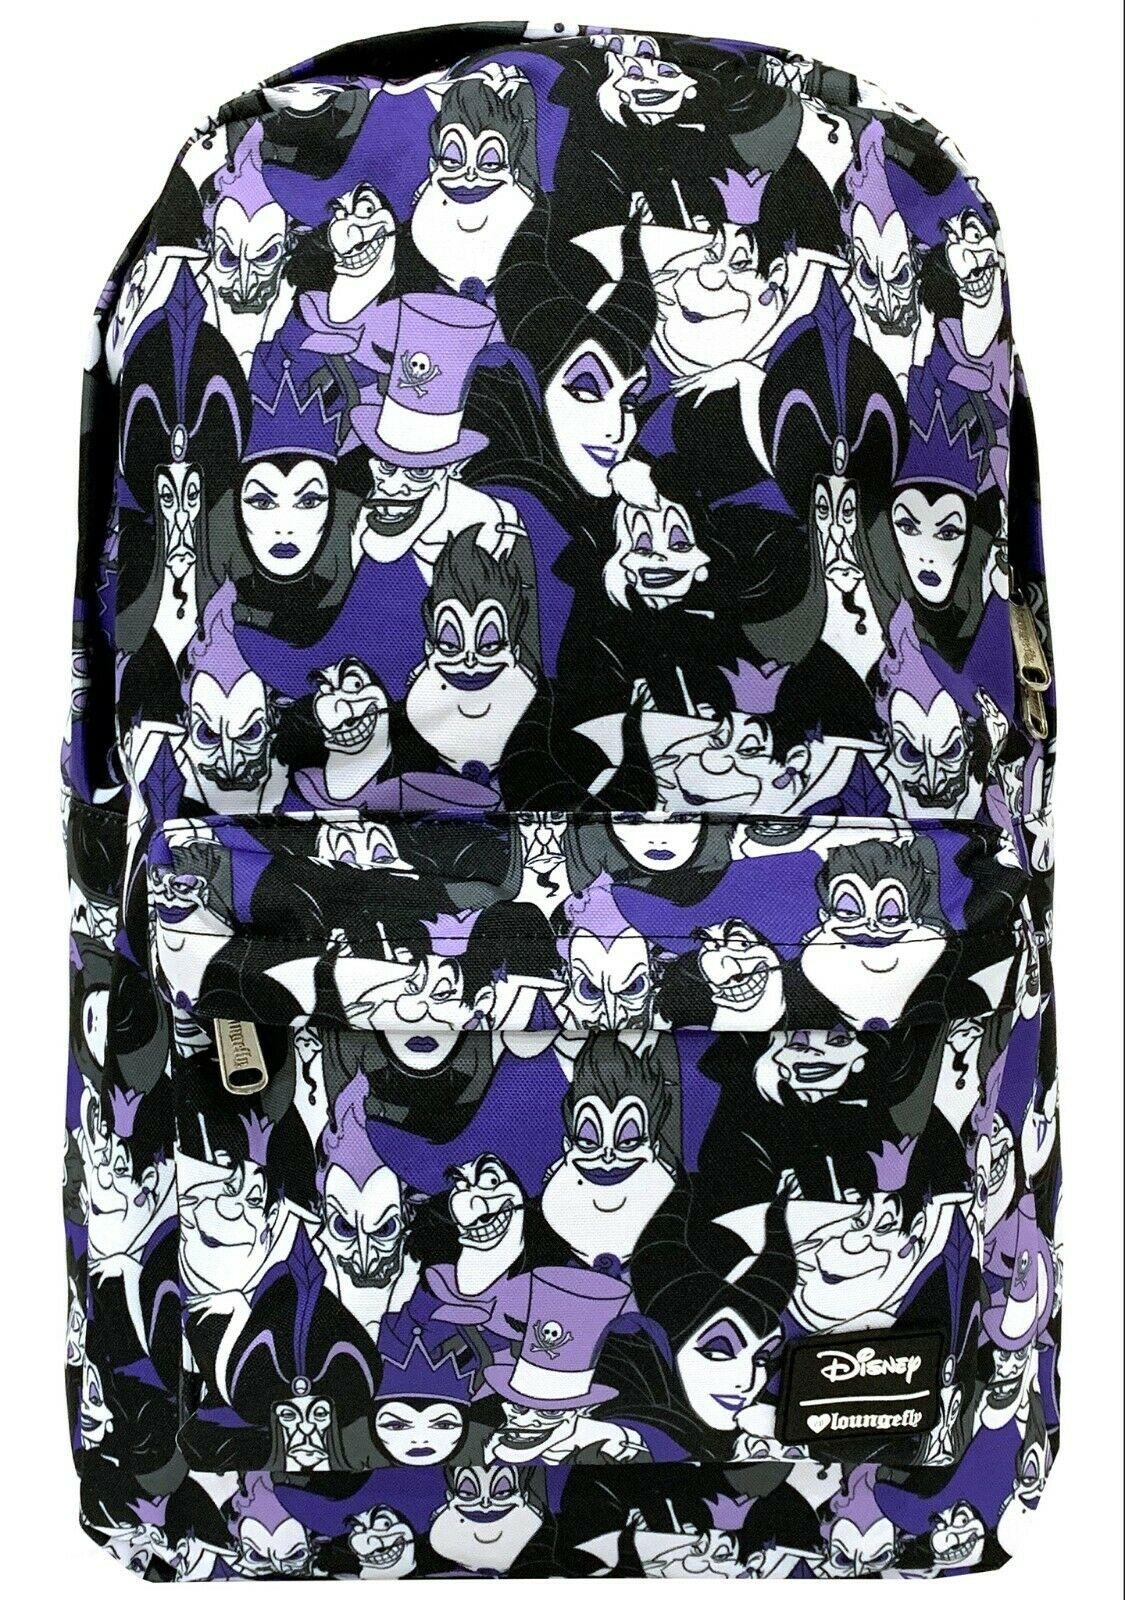 12f5d4a0bc6 Disney Villains Backpack School Bag Ursula Cruella Captain Hook Evil ...